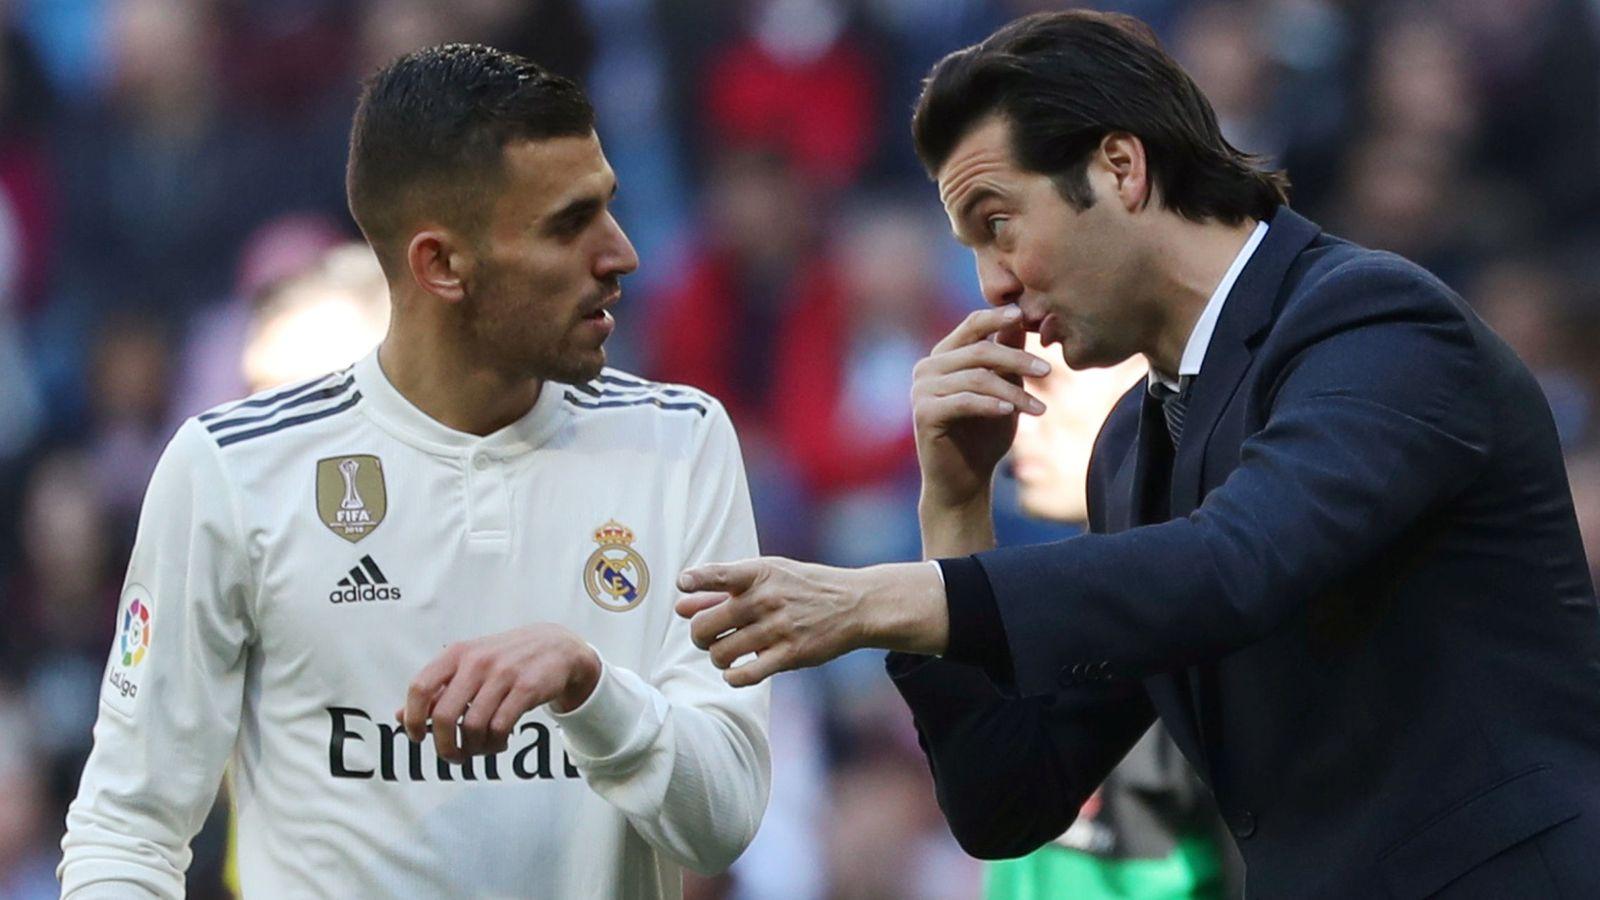 Foto: Solari da instrucciones a Ceballos durante el partido contra el Girona en el Bernabéu. (Efe)